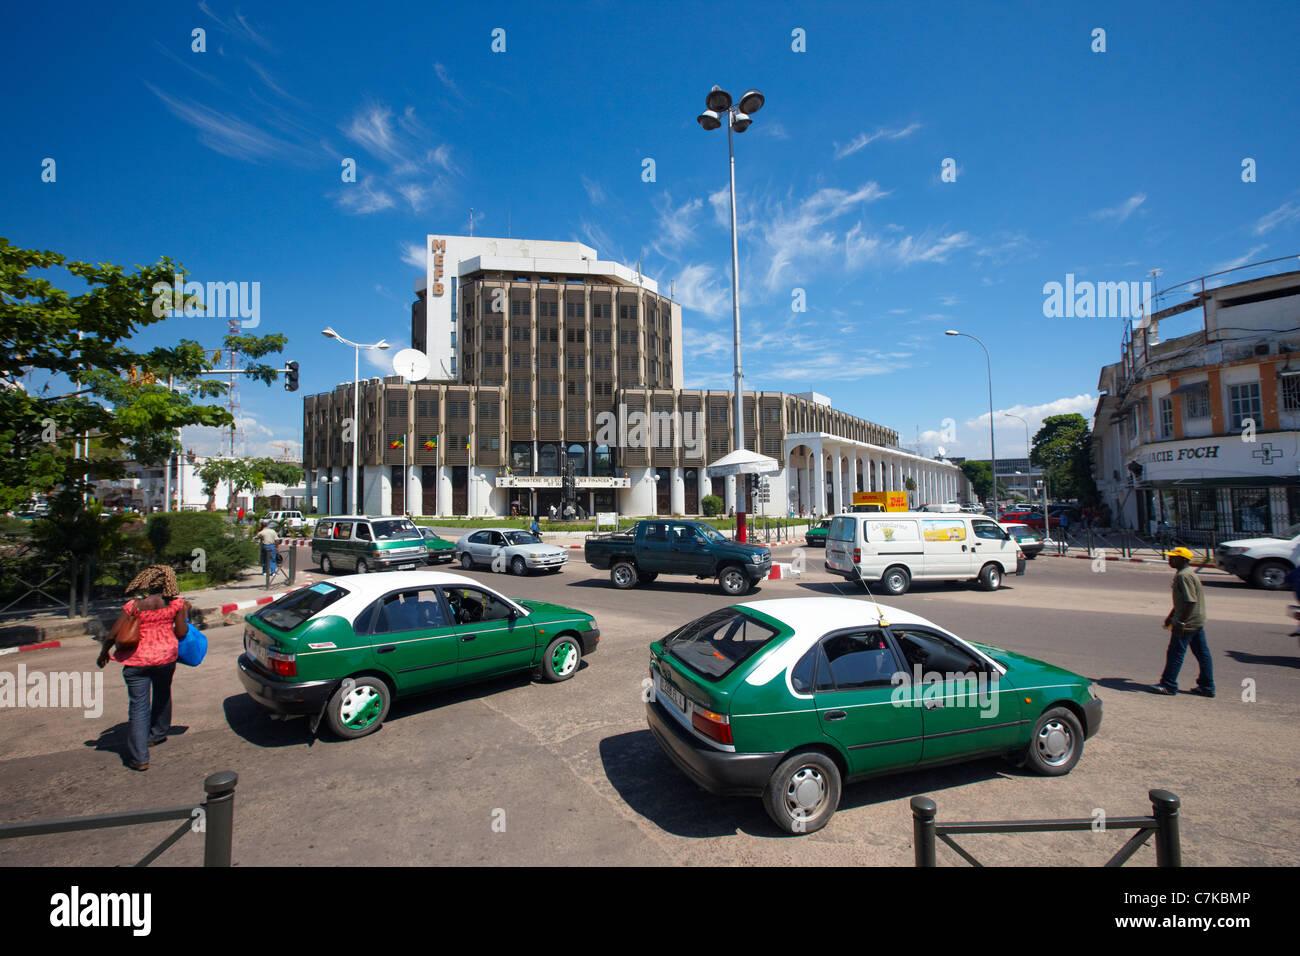 Ministère de L'Economie des finanziert et du Budget (Finanzministerium), Brazzaville, Republik Kongo Afrika Stockbild